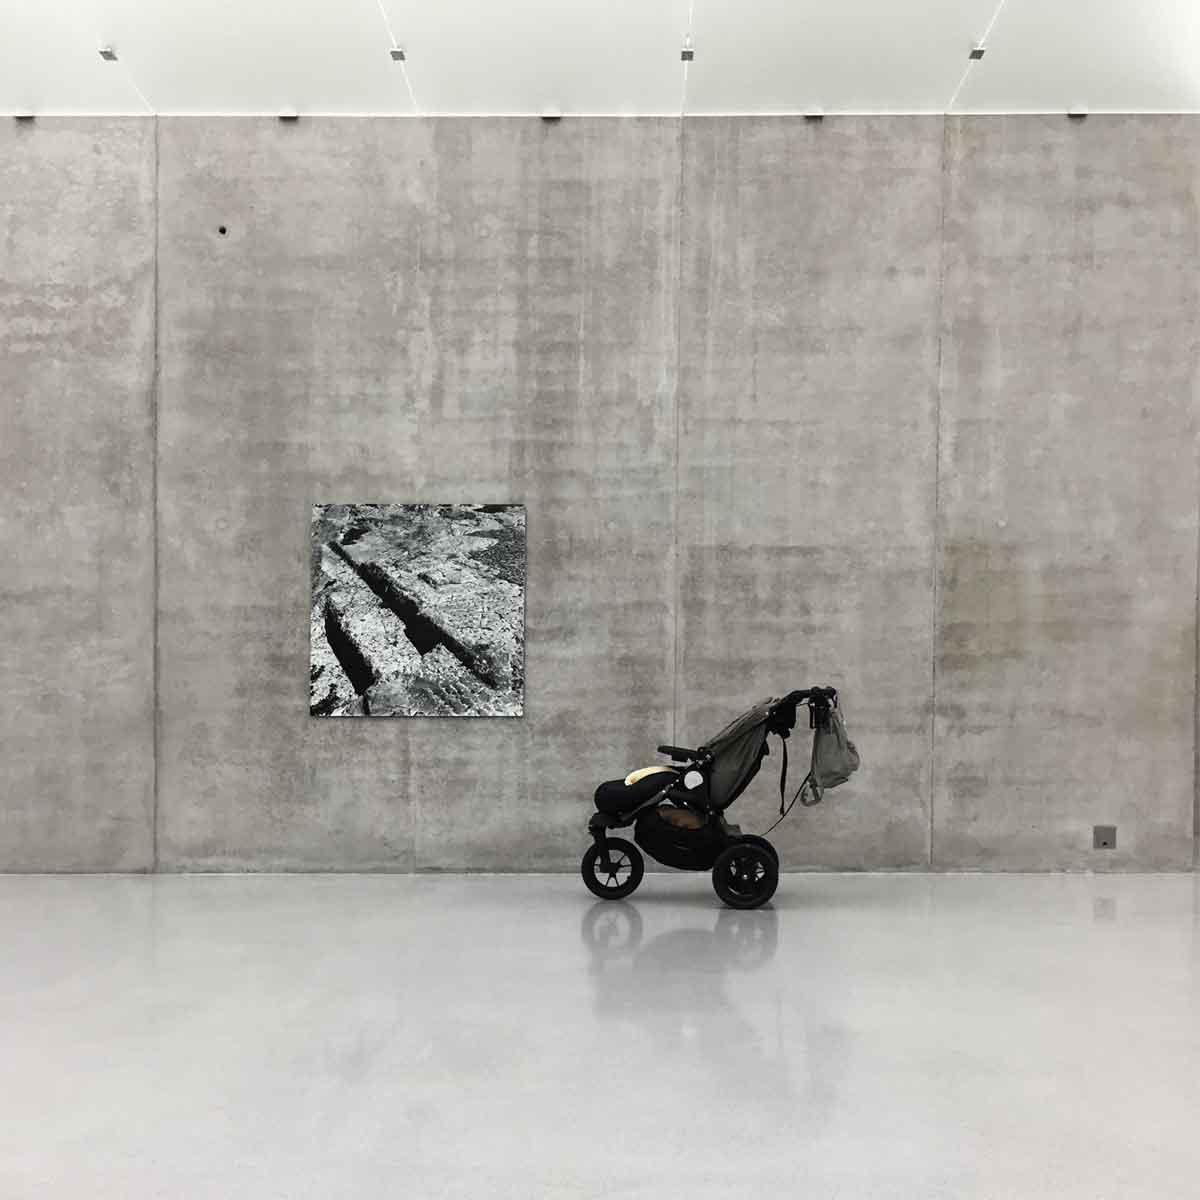 Babyjogger Kinderwagen Kunsthaus Bregenz - How we stoll | 4 Jahre mit dem Babyjogger